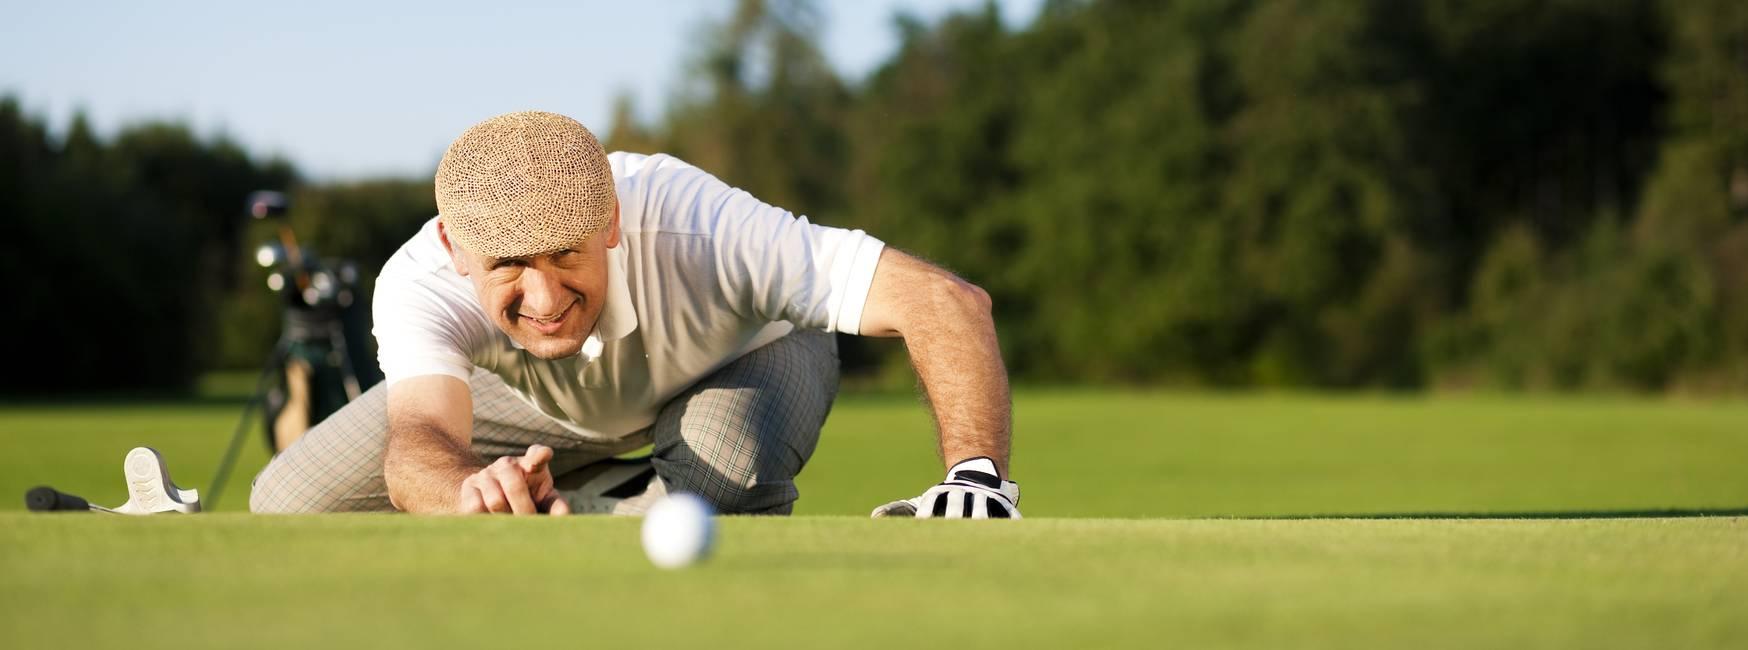 golfurlaub ferienwohnungen ferienhaeuser mieten